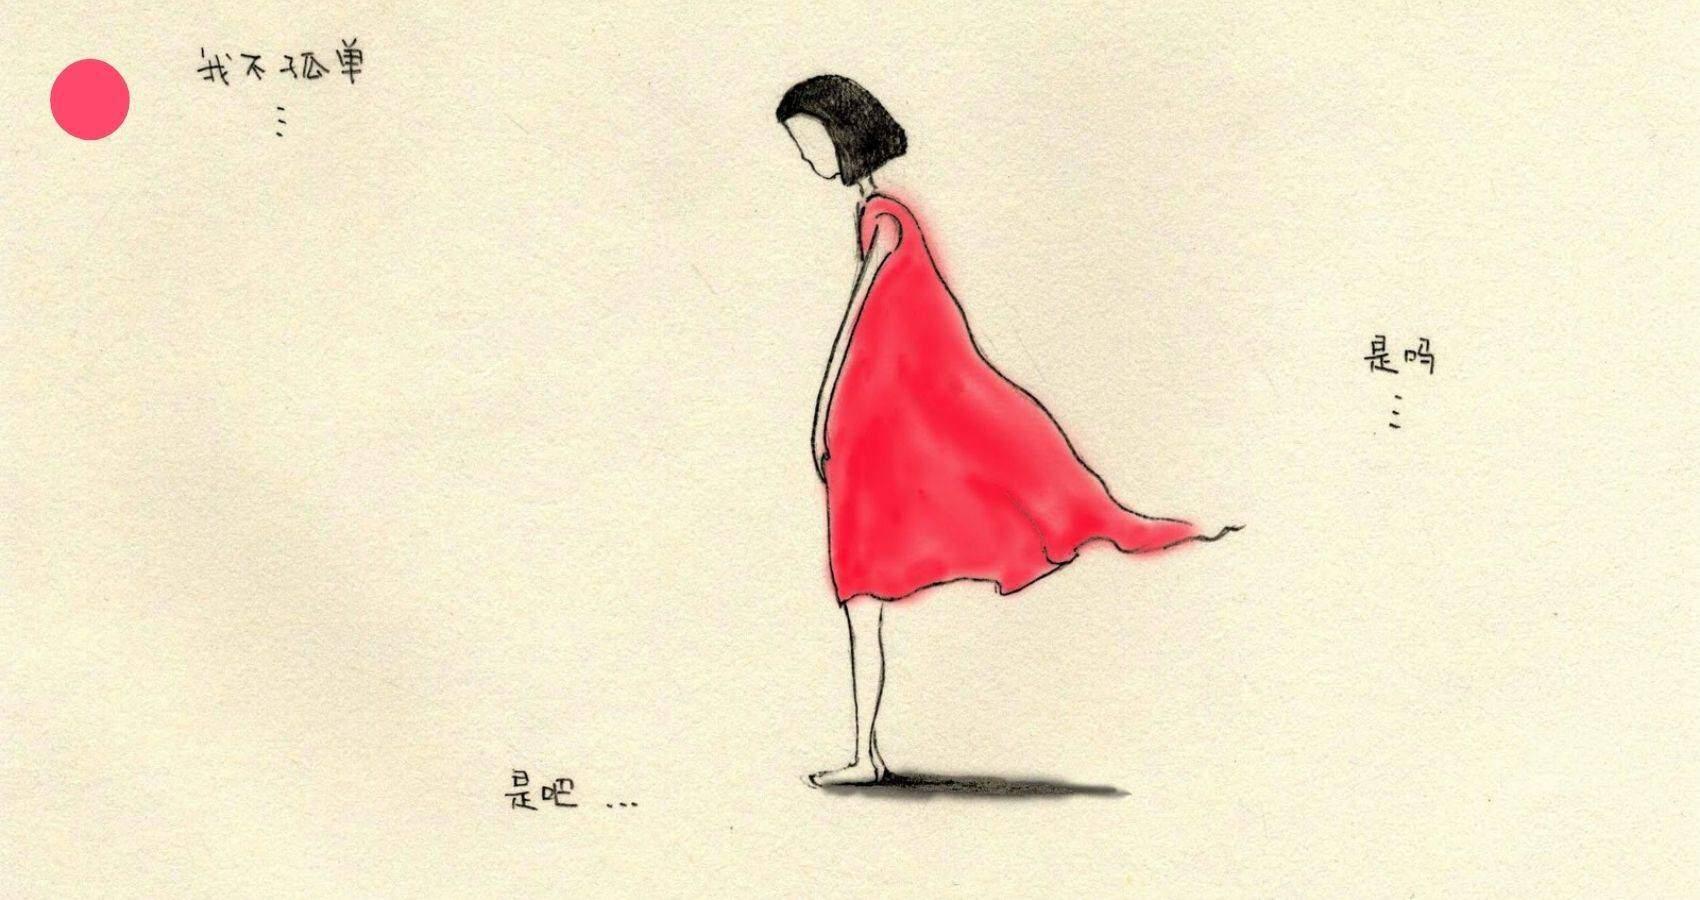 Angoscia abbandonica: il timore di essere dimenticati e restare soli | Dipendiamo.blog